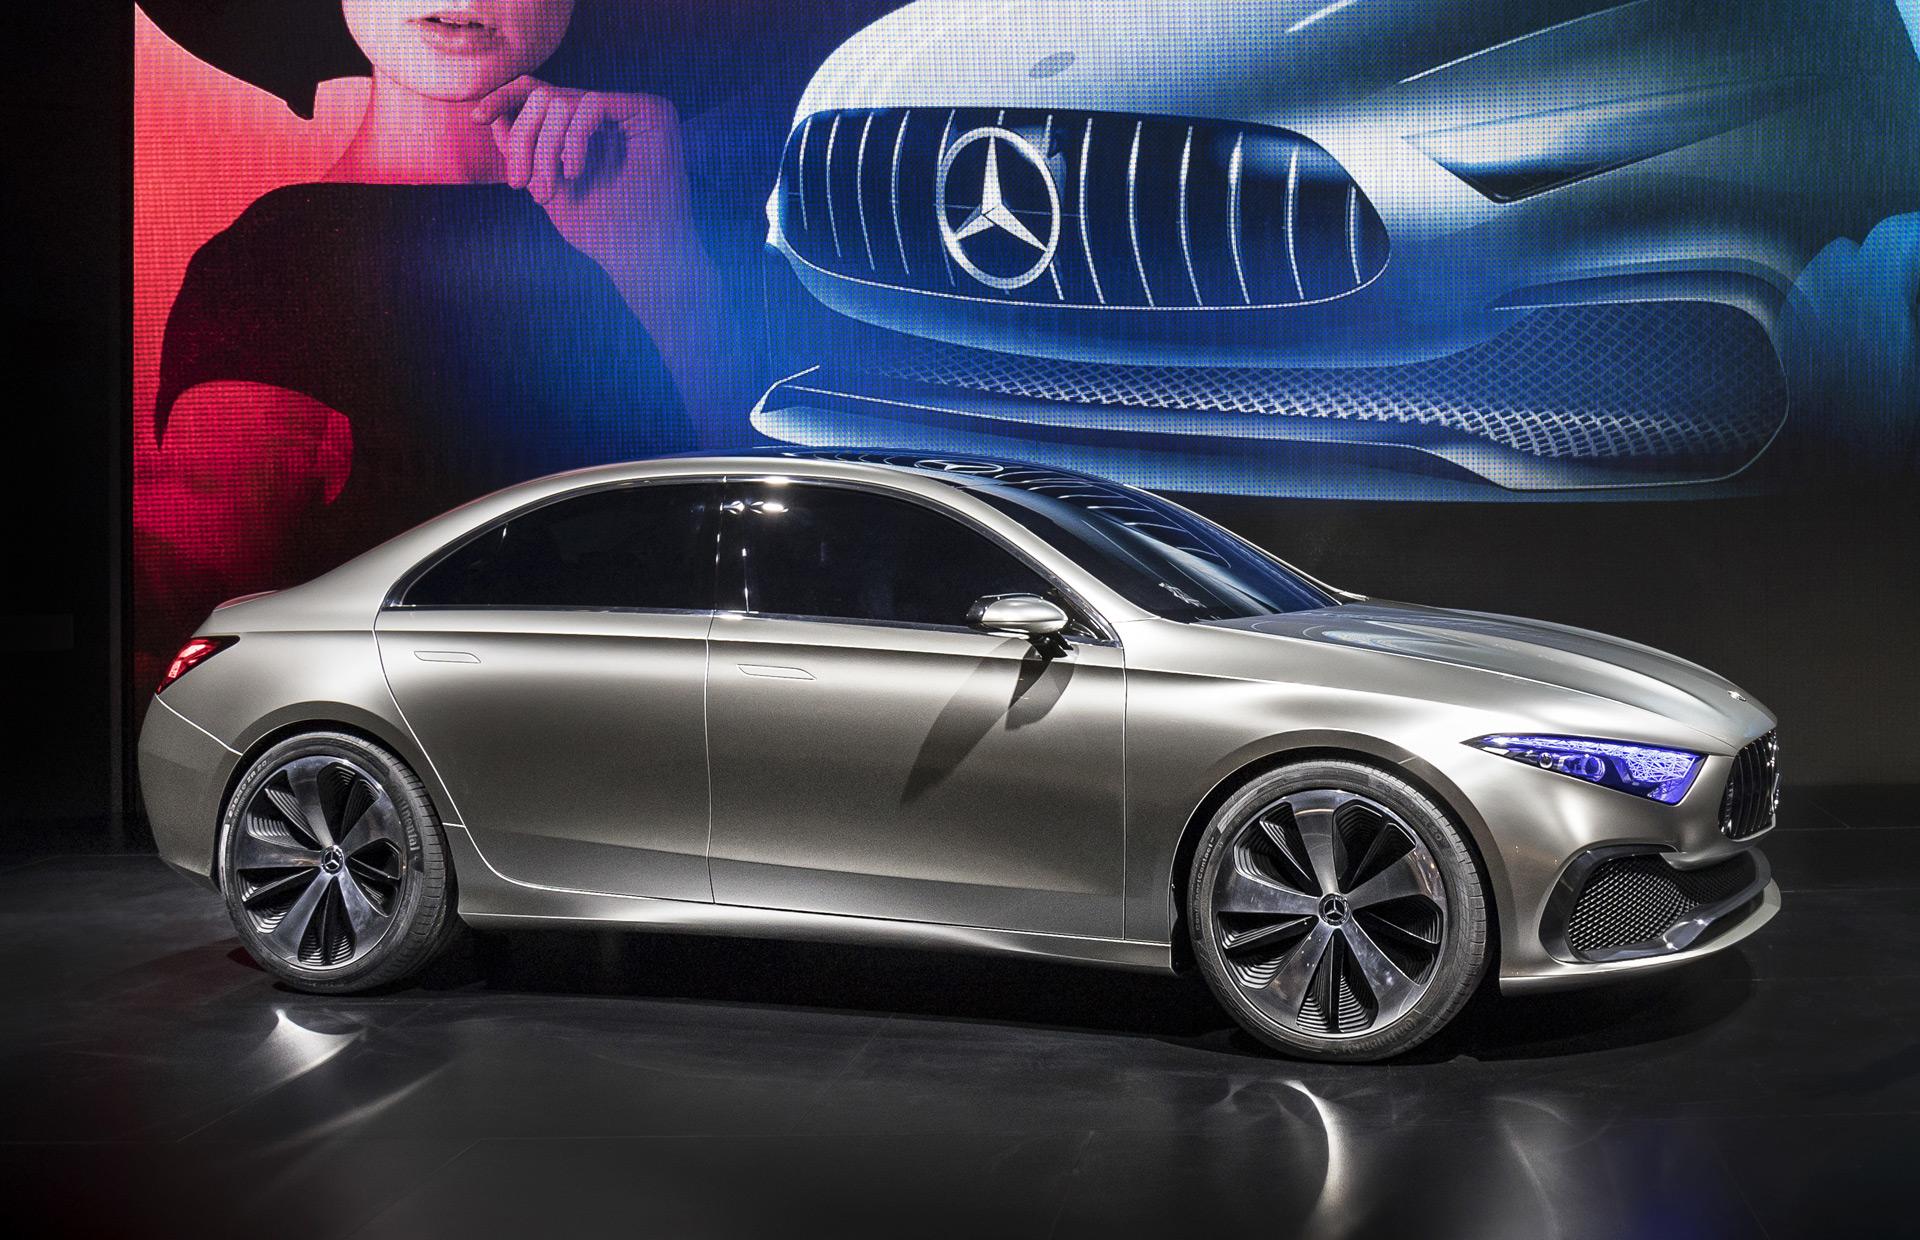 В апреле этого года на Шанхайском автосалоне показали концептуальный седан Mercedes-Benz A-Class, который предварил новую стилистику всего семейства А-класса. Но главным образом он раскрыл облик именно серийной четырехдверки. Презентация в Китае - факт совсем не случайный. Ведь известно, что трехобъемный кузов все еще остается очень популярным в Поднебесной, хотя сейчас уже серьезную конкуренцию ему навязывают кроссоверы. Тем не менее концепция седана работает и в Северной Америке. Кроме того, некоторые прогнозы говорят о возвращении интереса к такому кузову в Европе: при условии, что седан будет компактным и спортивным. Кстати, BMW уже продает в Китае седан 1 Series.